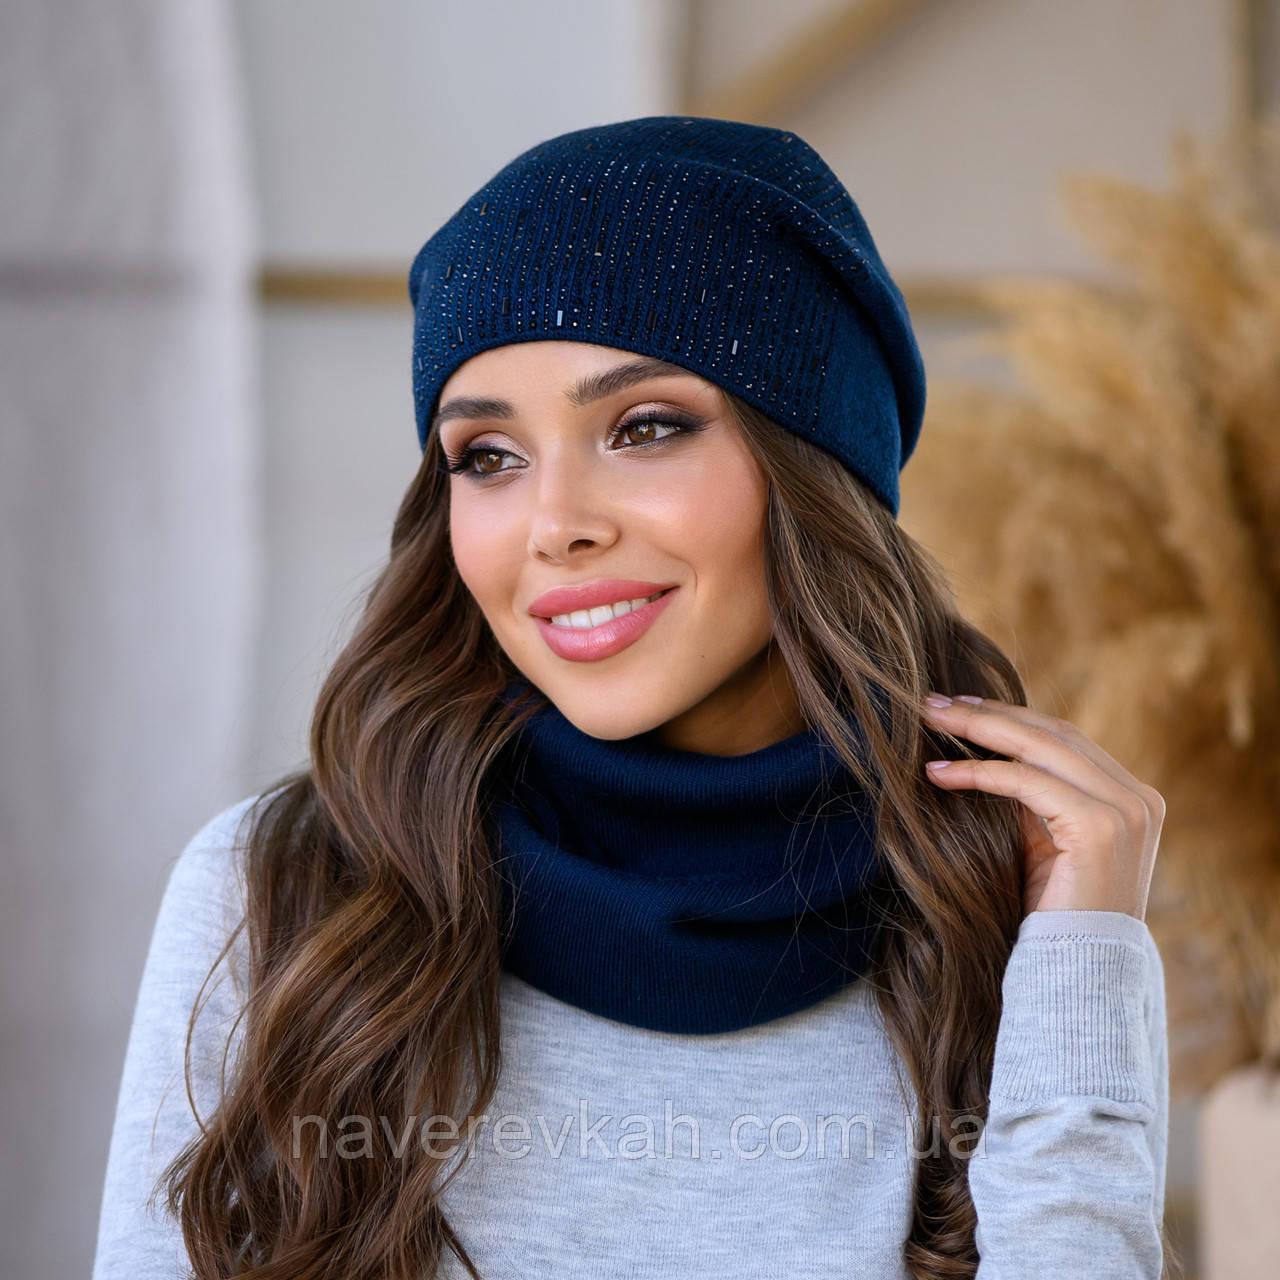 Женский зимний теплый набор шапка+баф шерсть акрил